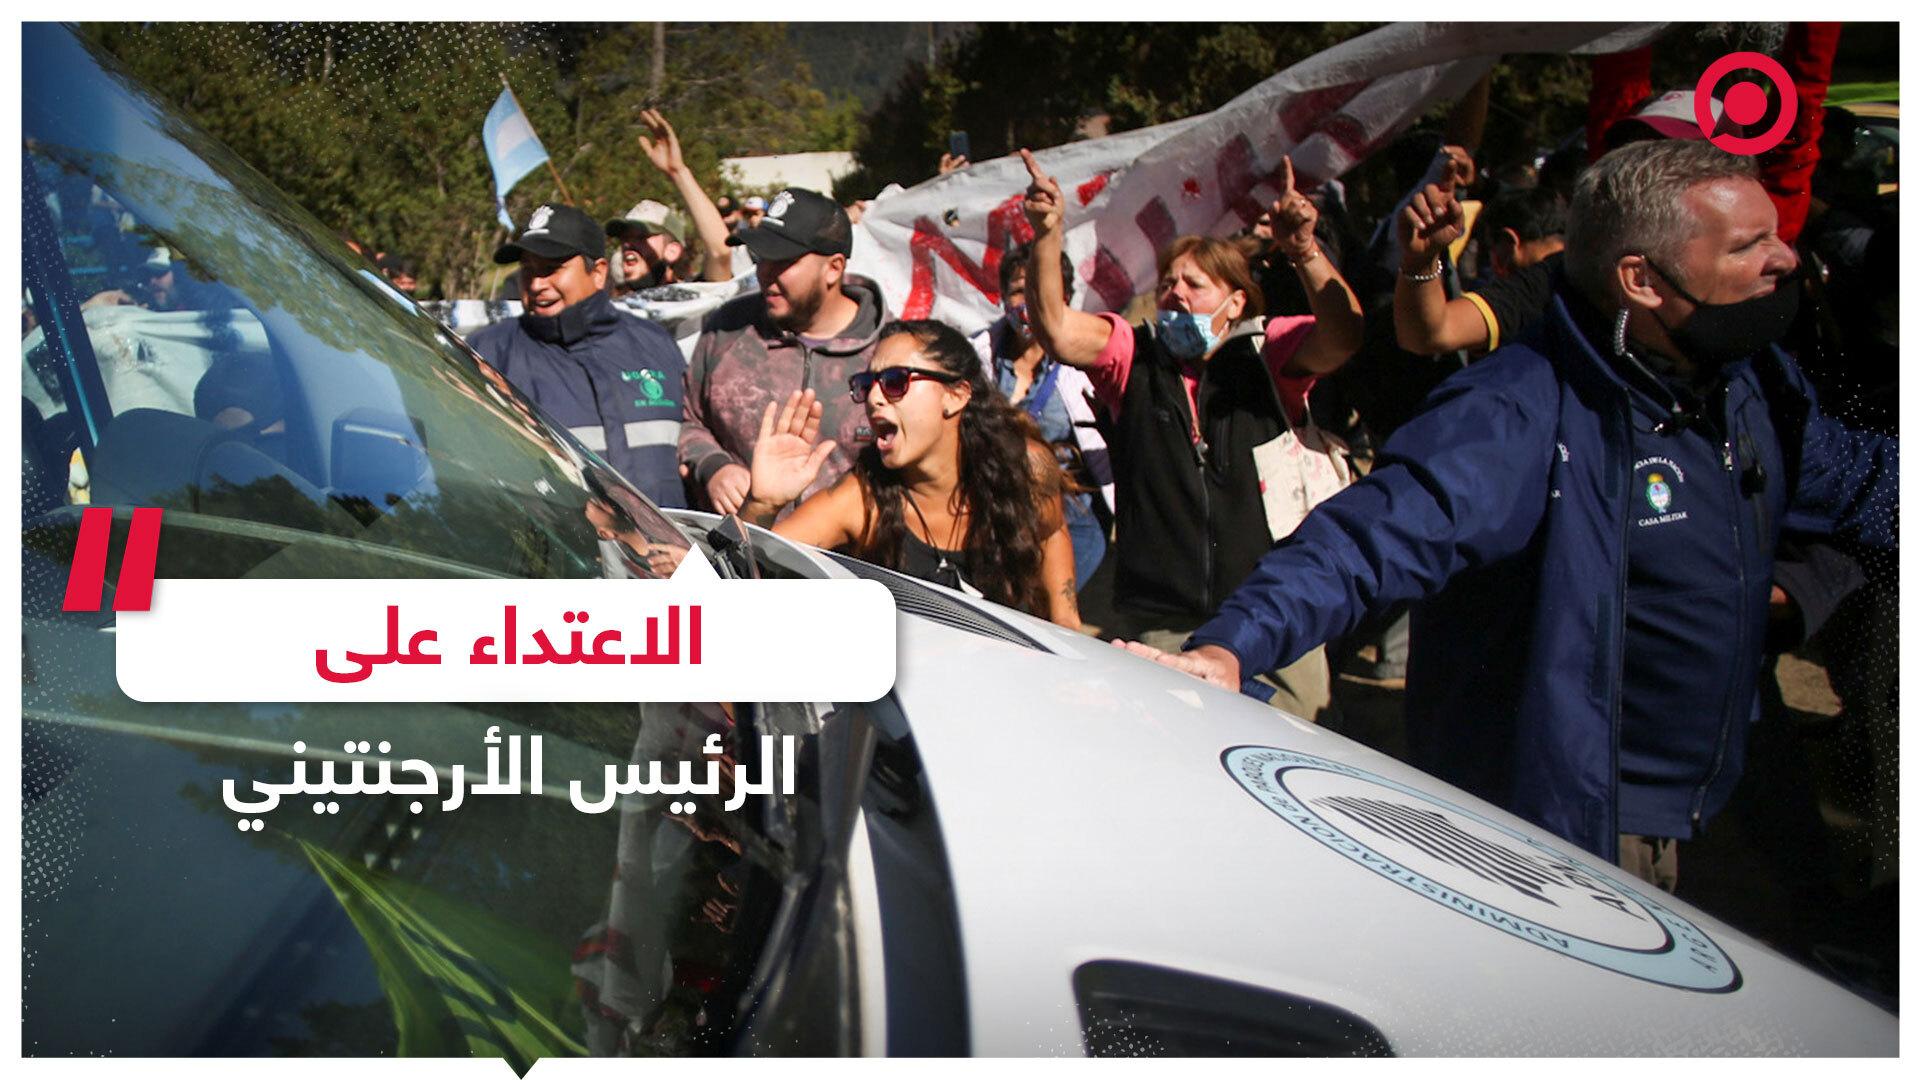 محتجون يعتدون على مركبة الرئيس الأرجنتيني